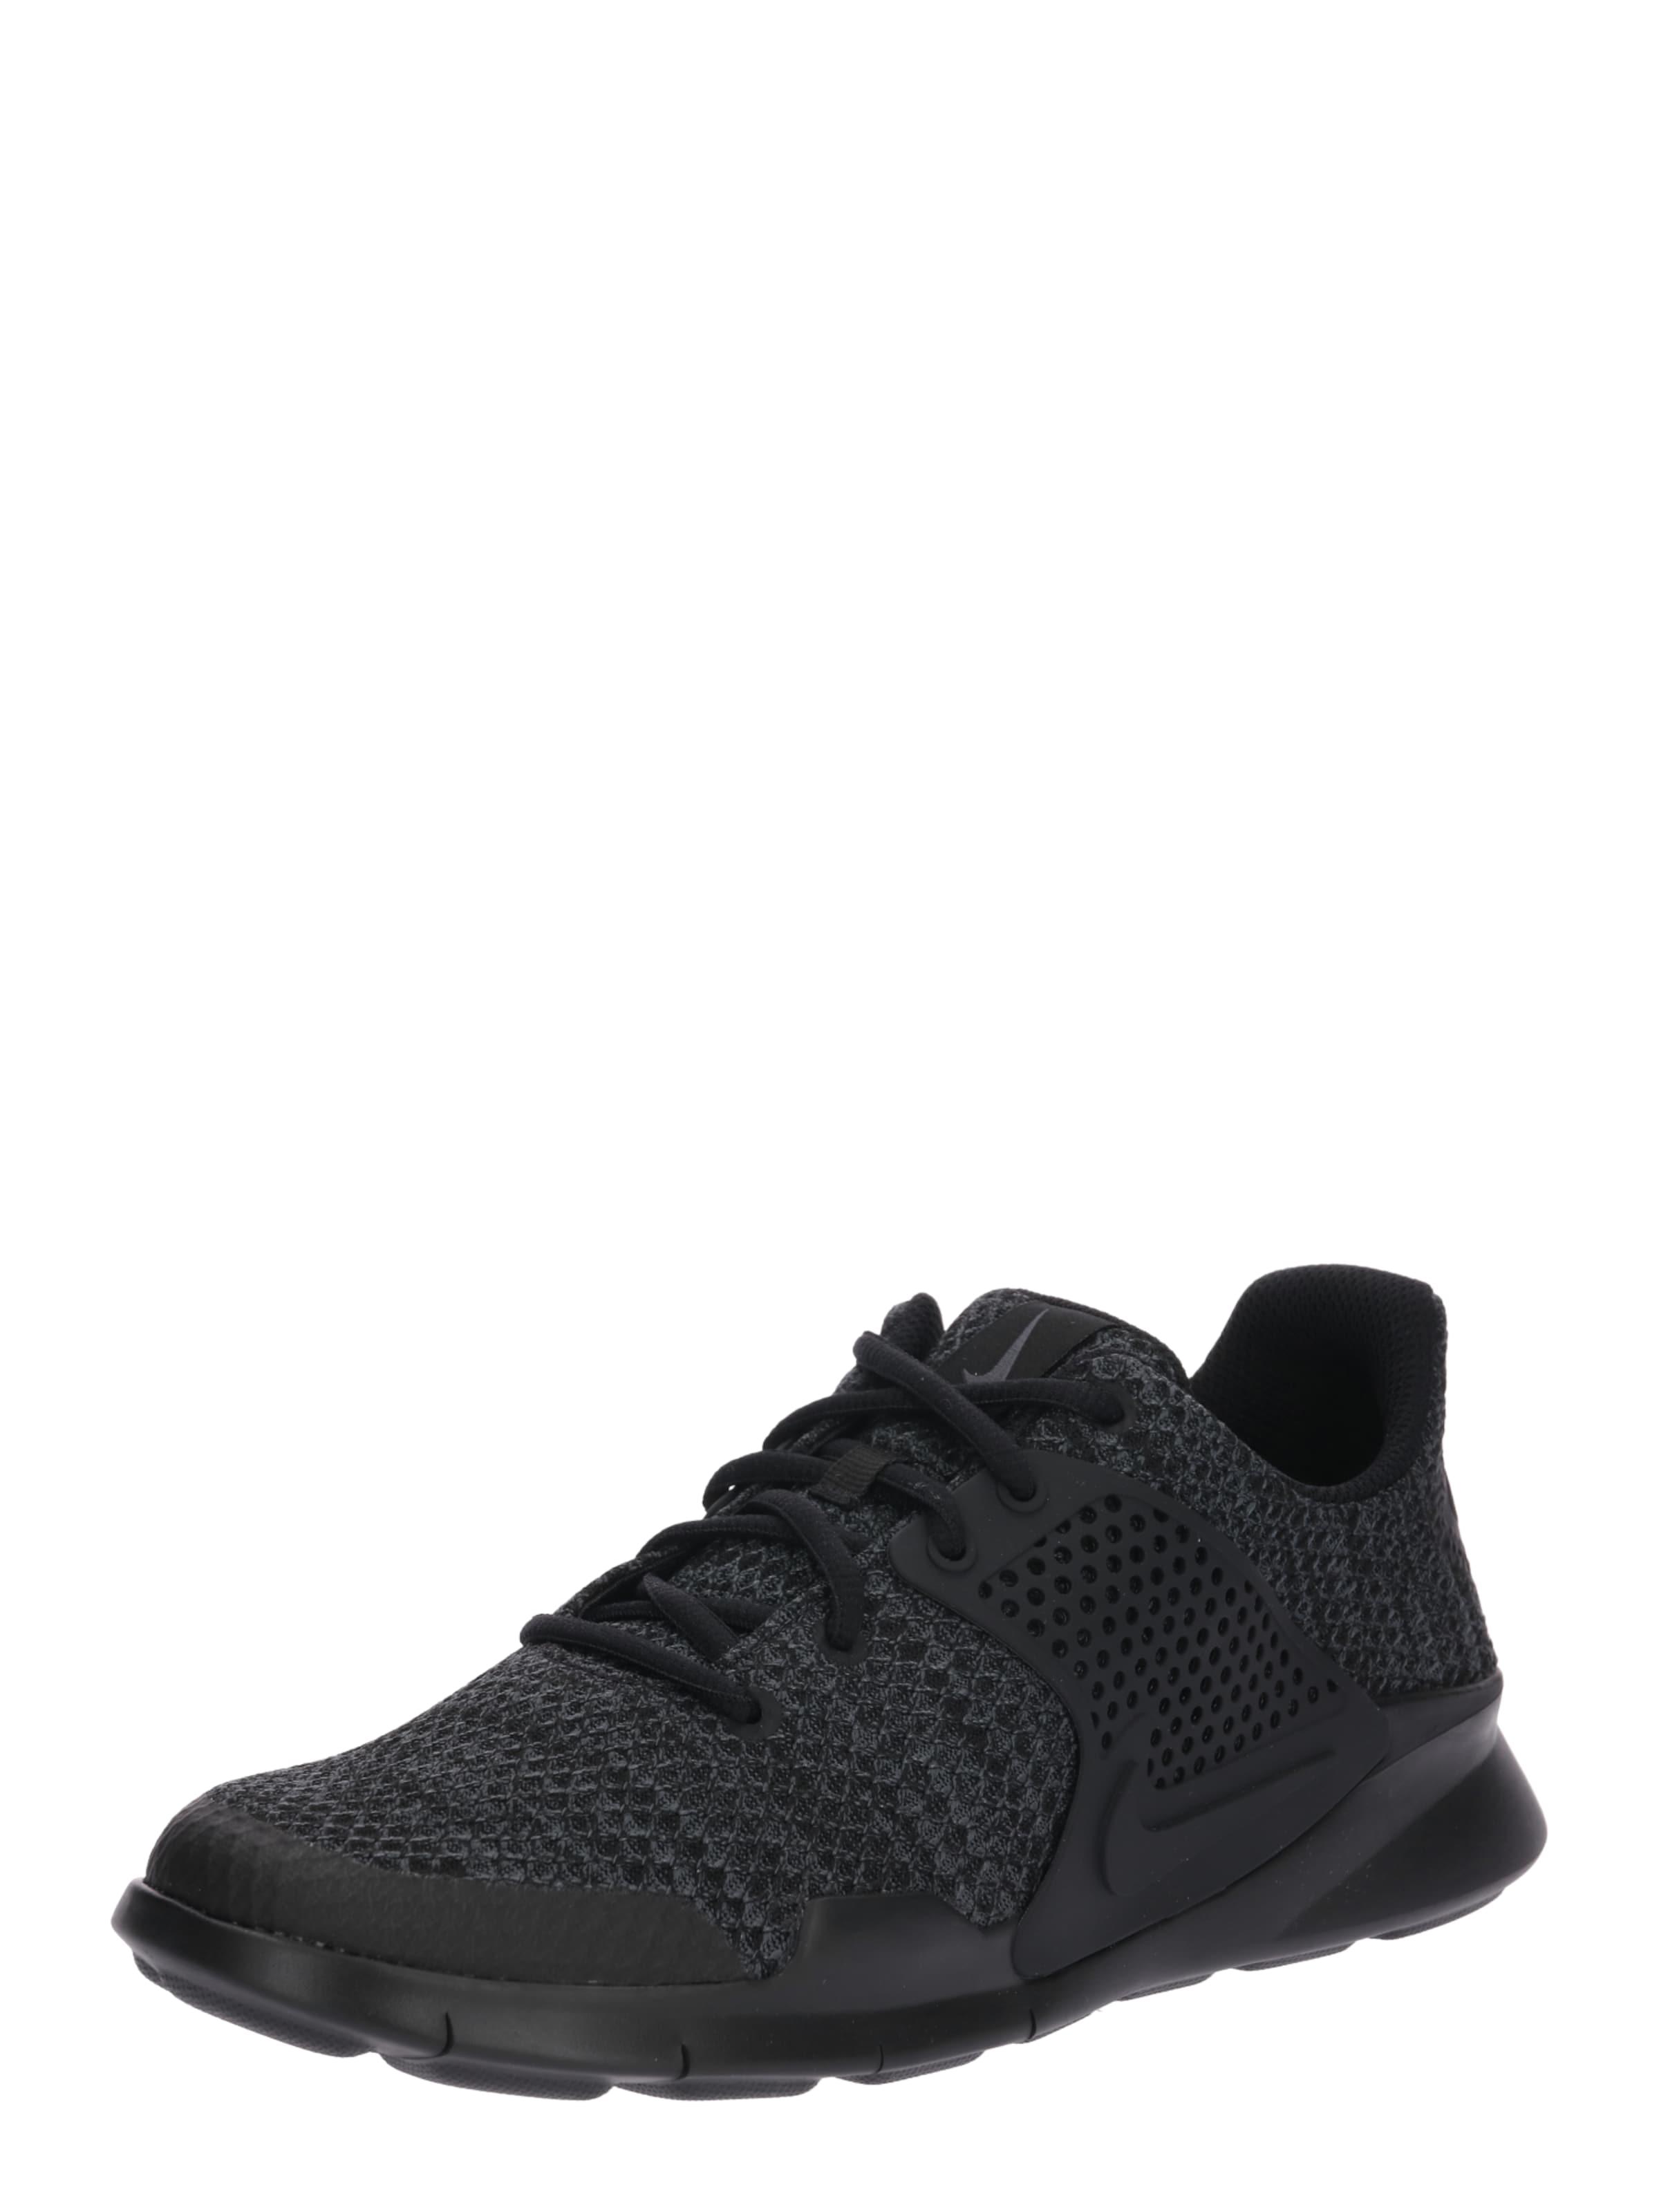 Haltbare Mode billige Schuhe Nike Sportswear | Sneaker Schuhe 'Arrowz' Schuhe Gut getragene Schuhe Sneaker ec02fc